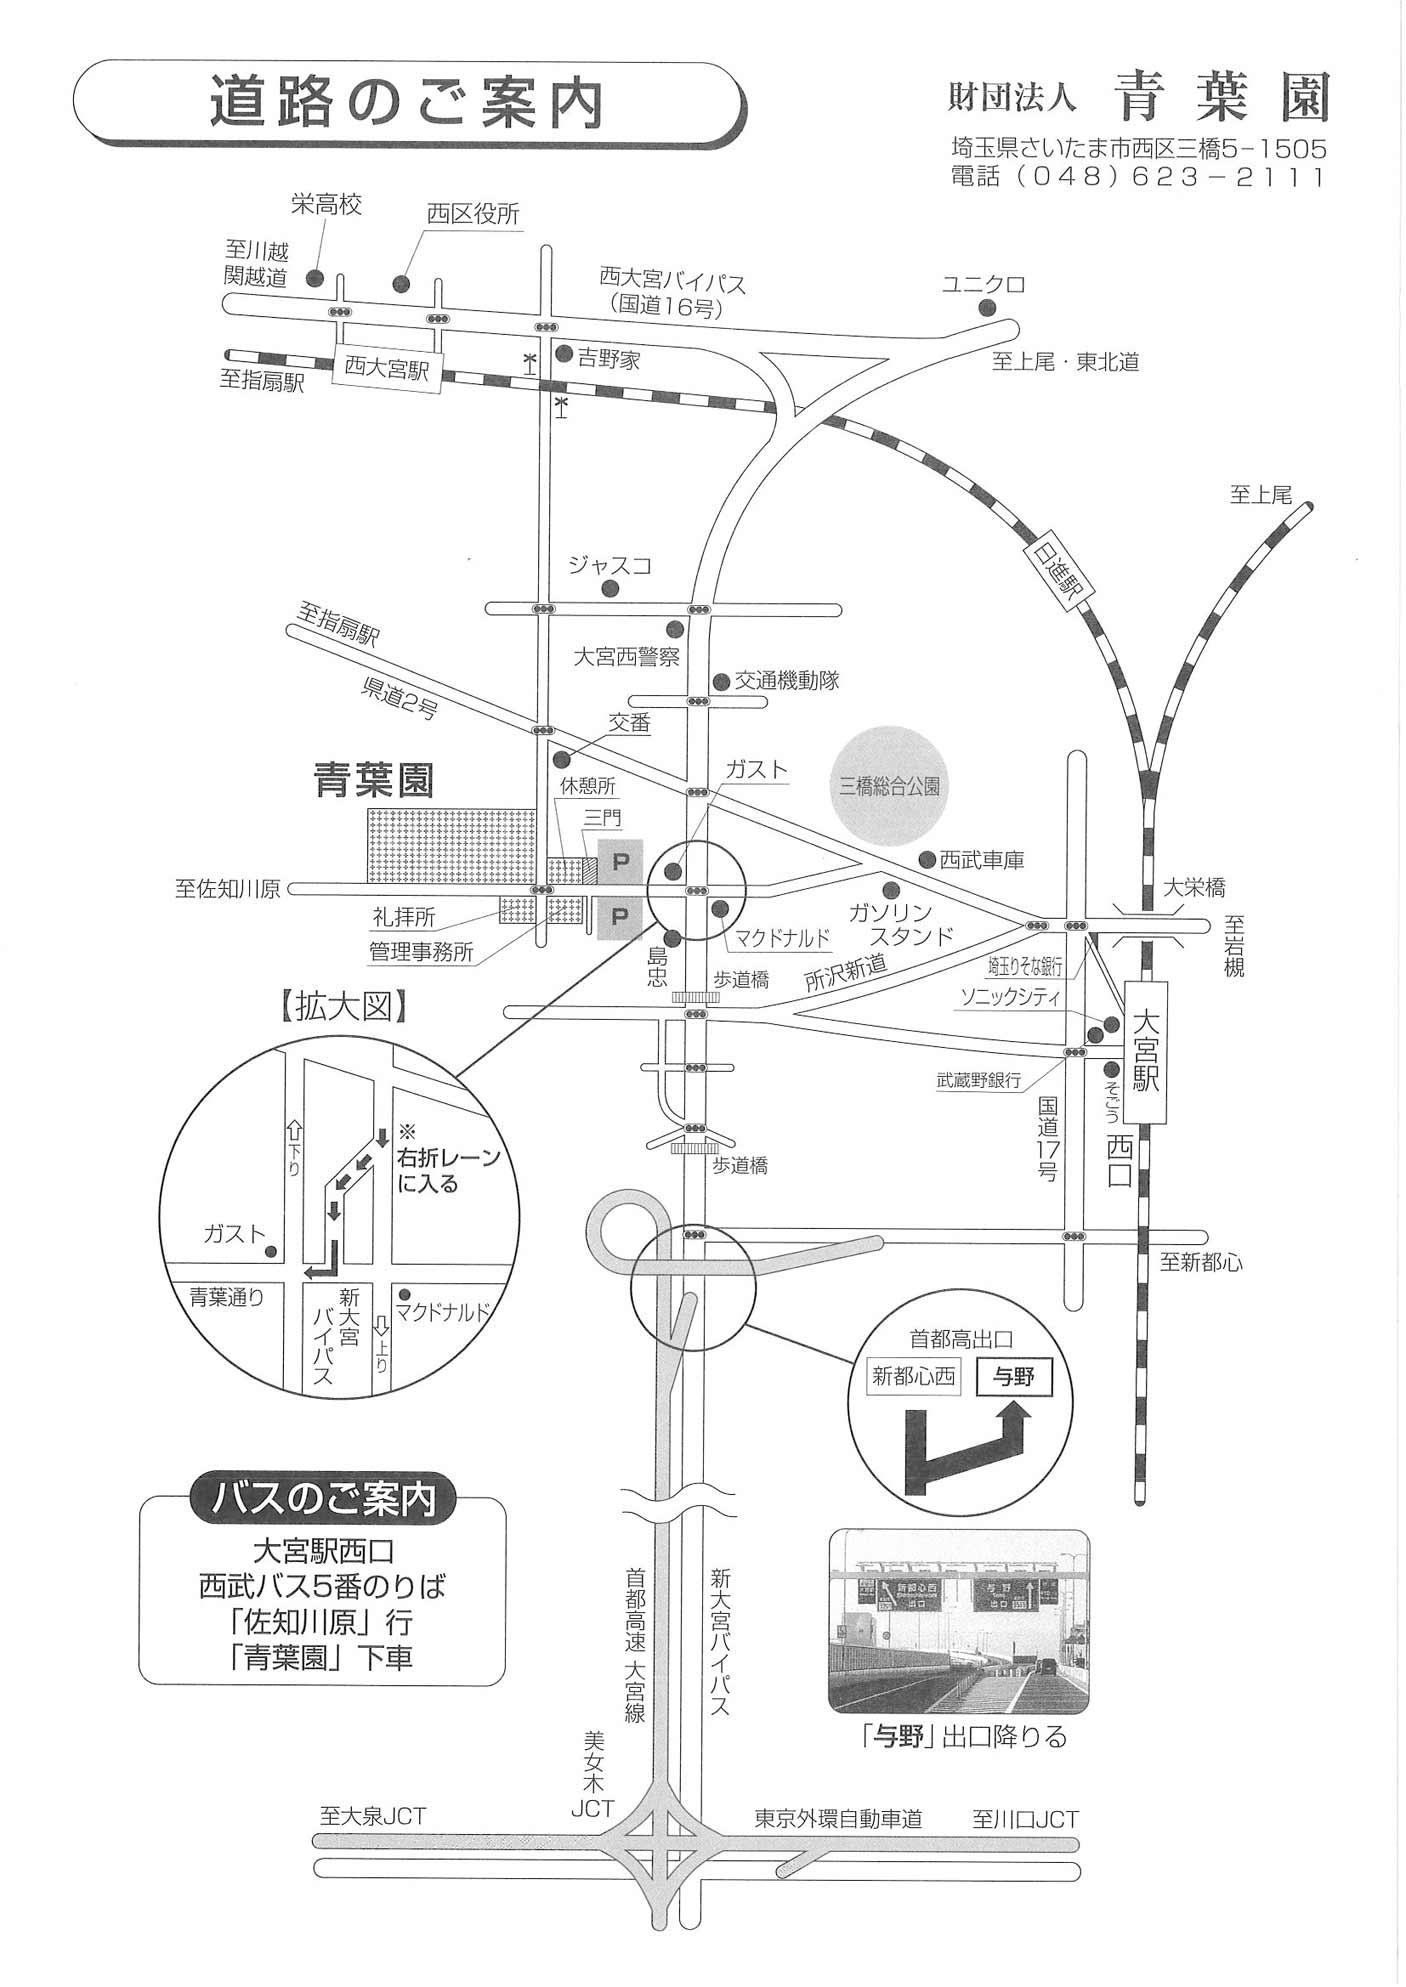 道路のご案内の図